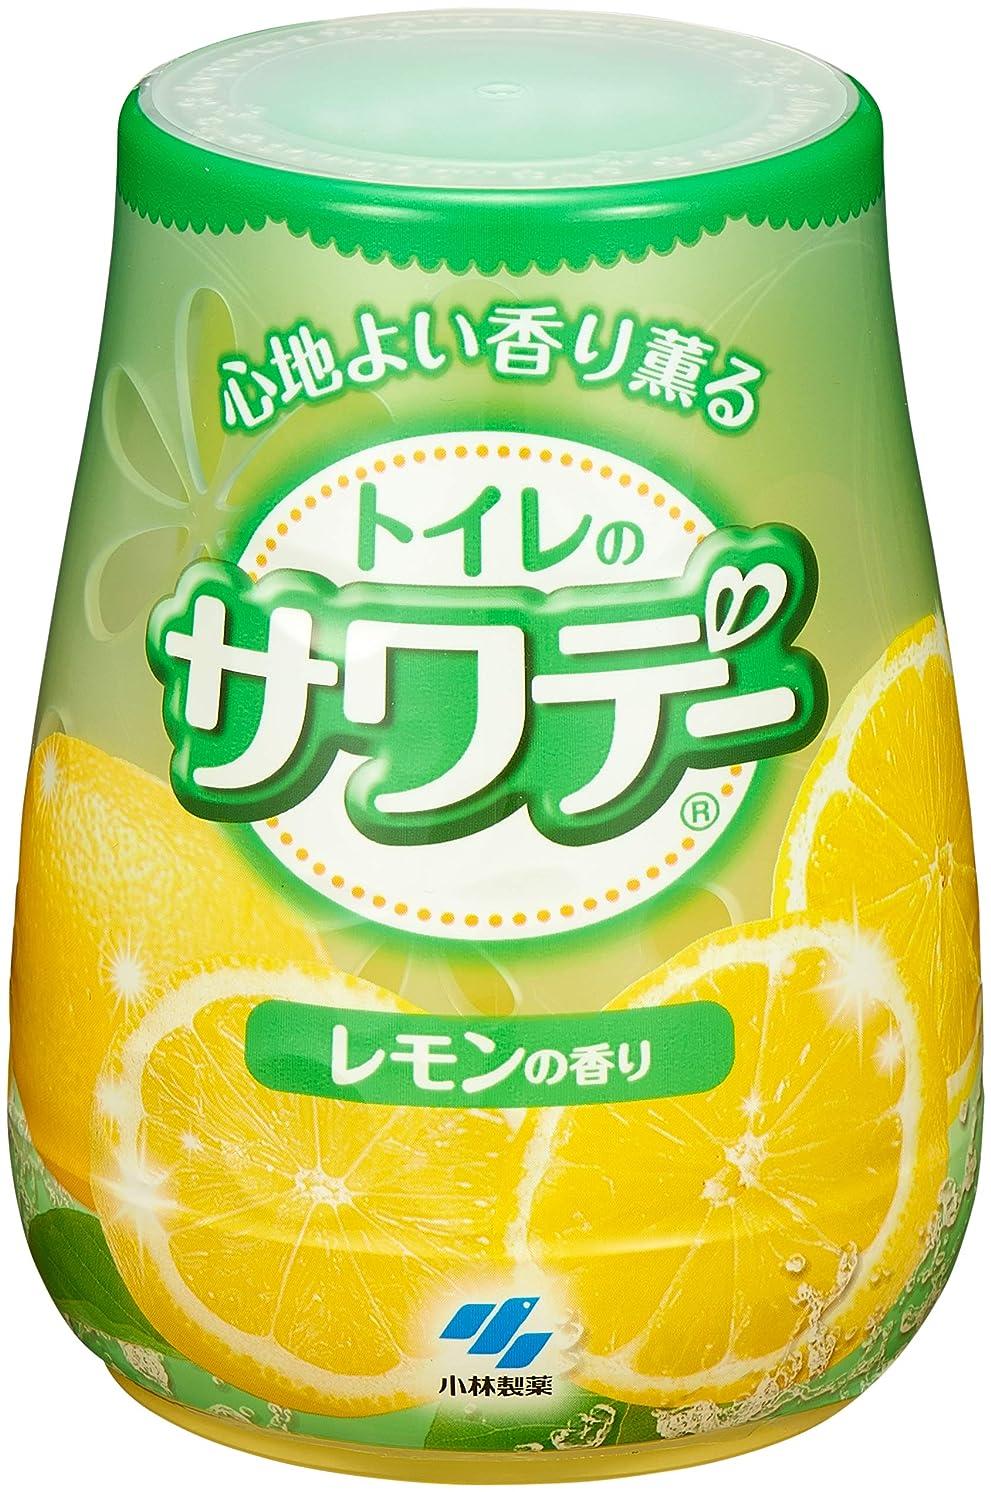 発表入学する戦うサワデー 消臭芳香剤 トイレ用 本体 気分すっきりレモンの香り 140g